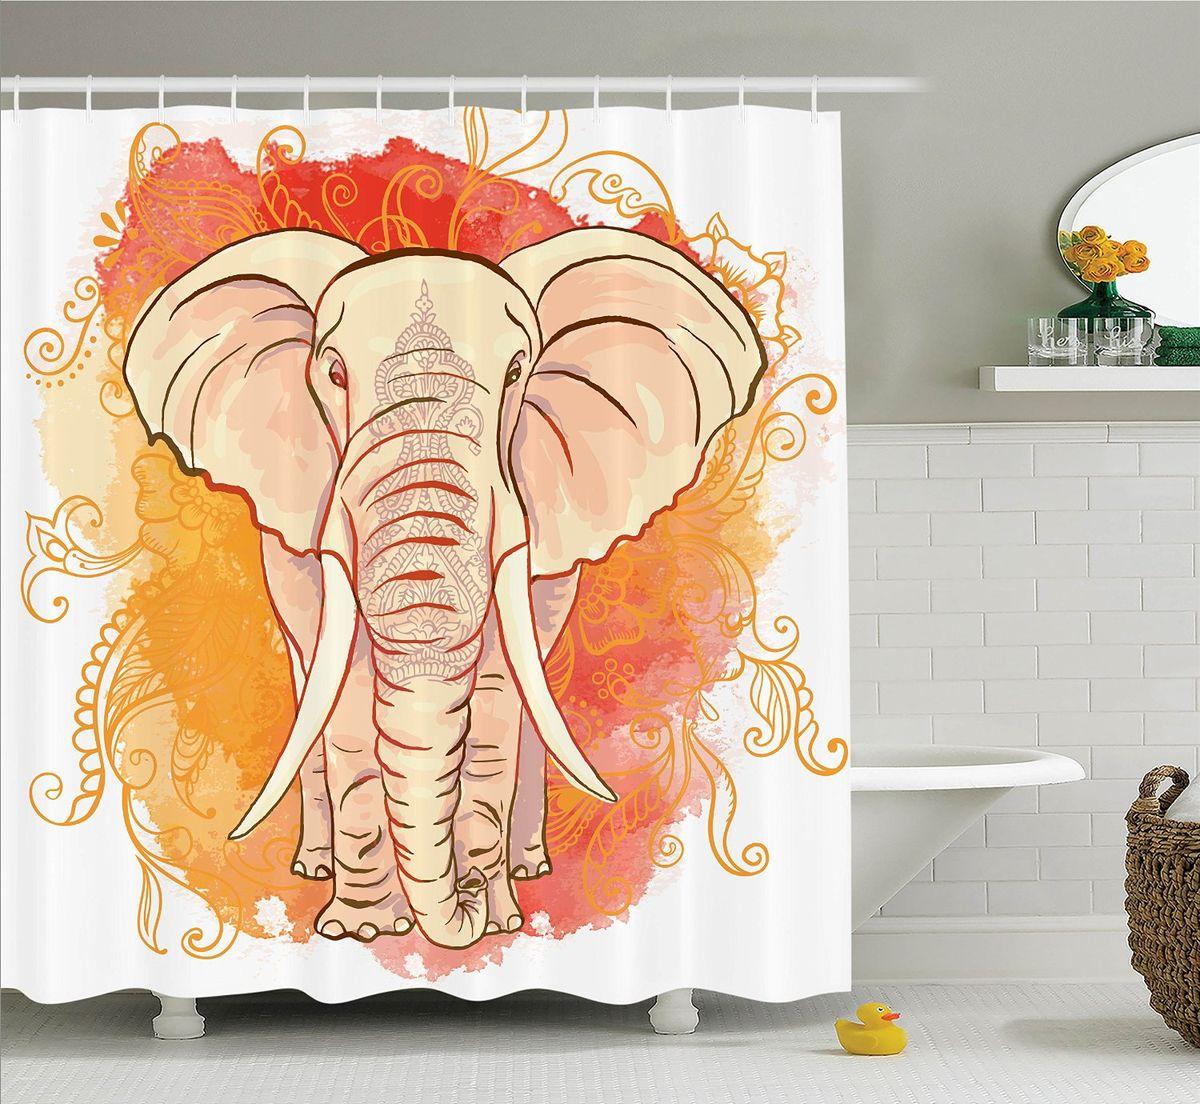 Штора для ванной комнаты Magic Lady Слон на фоне узоров, 180 х 200 см50600Штора Magic Lady Слон на фоне узоров, изготовленная из высококачественного сатена (полиэстер 100%), отлично дополнит любой интерьер ванной комнаты. При изготовлении используются специальные гипоаллергенные чернила для прямой печати по ткани, безопасные для человека.В комплекте: 1 штора, 12 крючков. Обращаем ваше внимание, фактический цвет изделия может незначительно отличаться от представленного на фото.